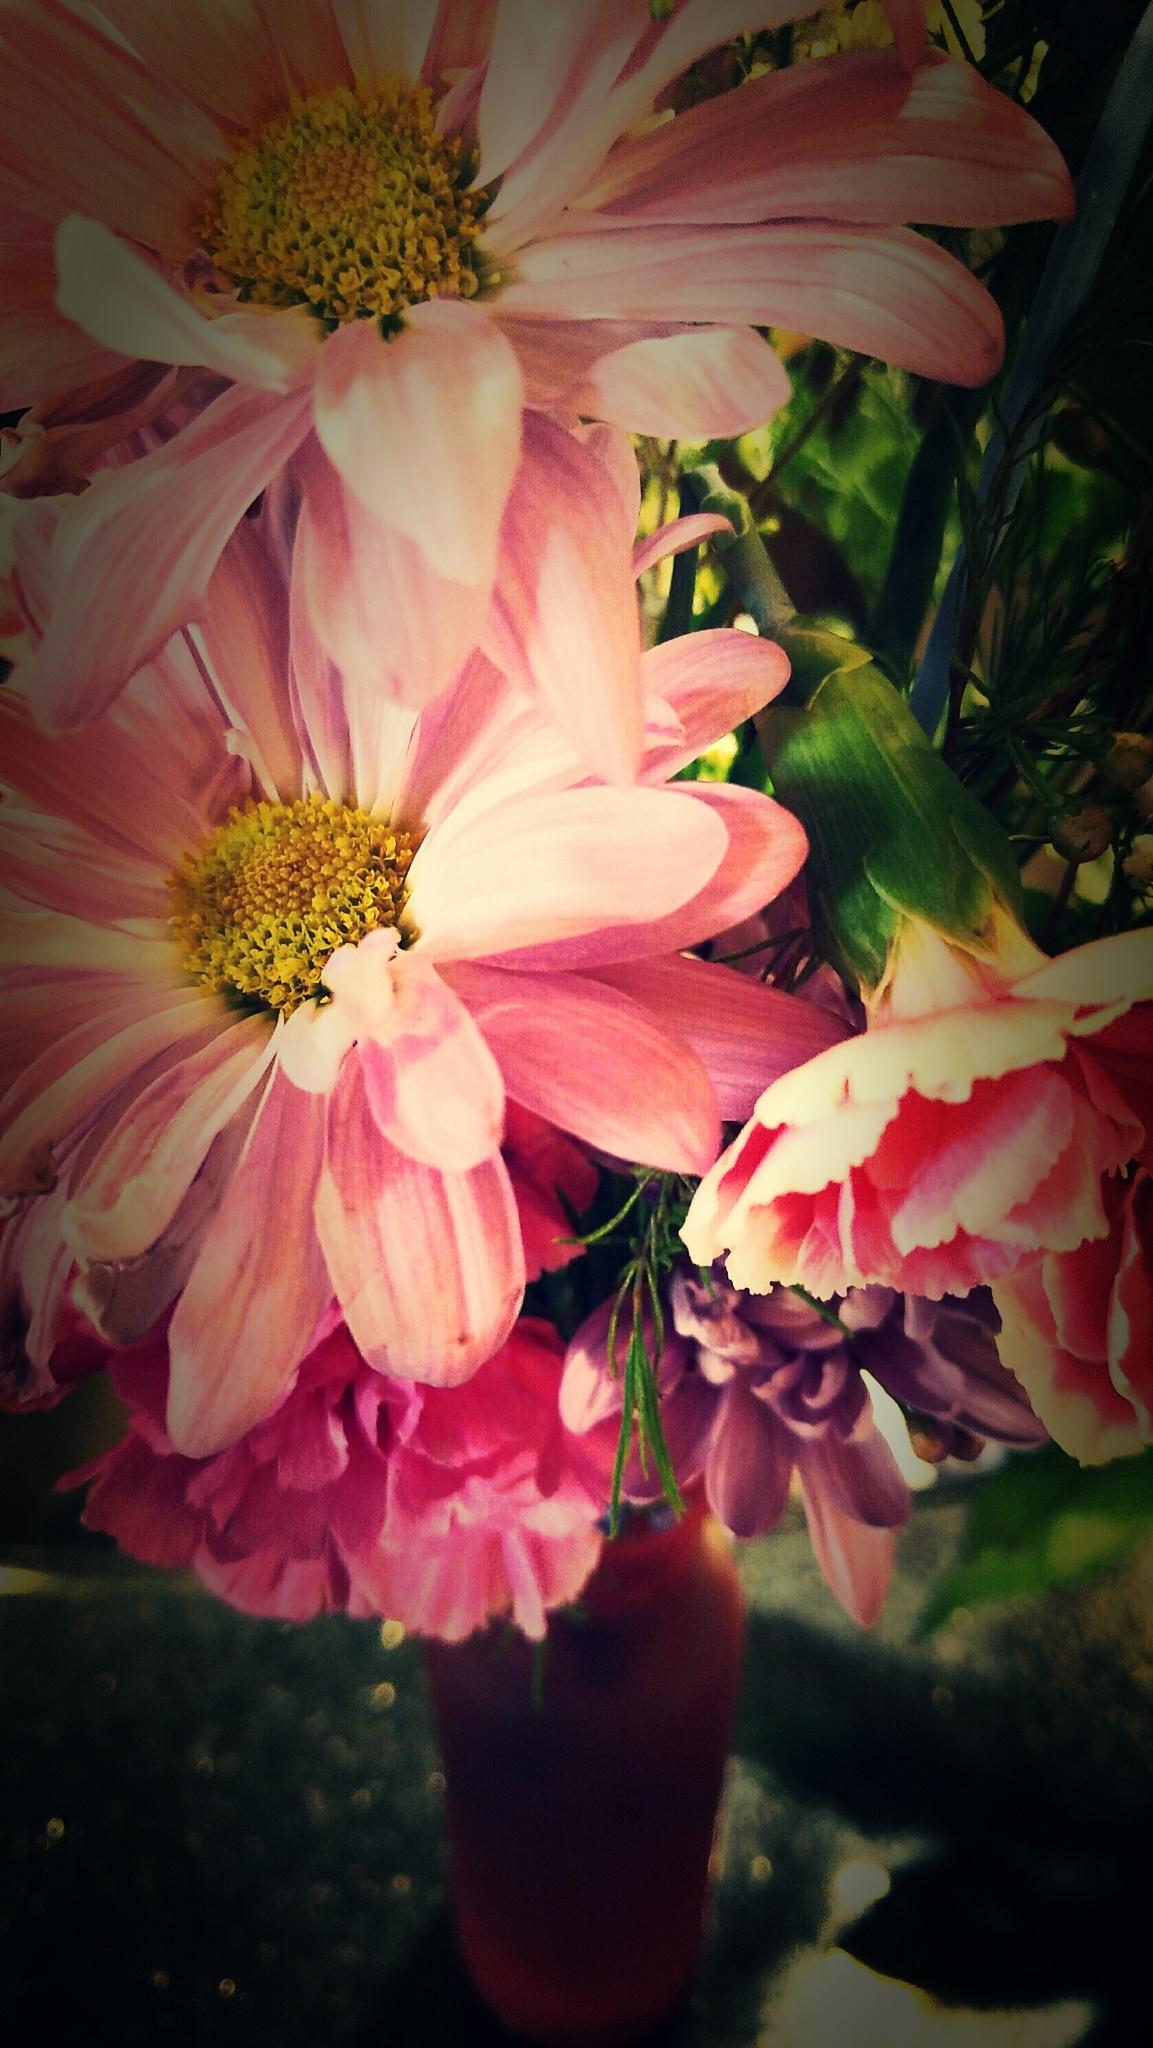 Flowers in vases by Chade Woodard